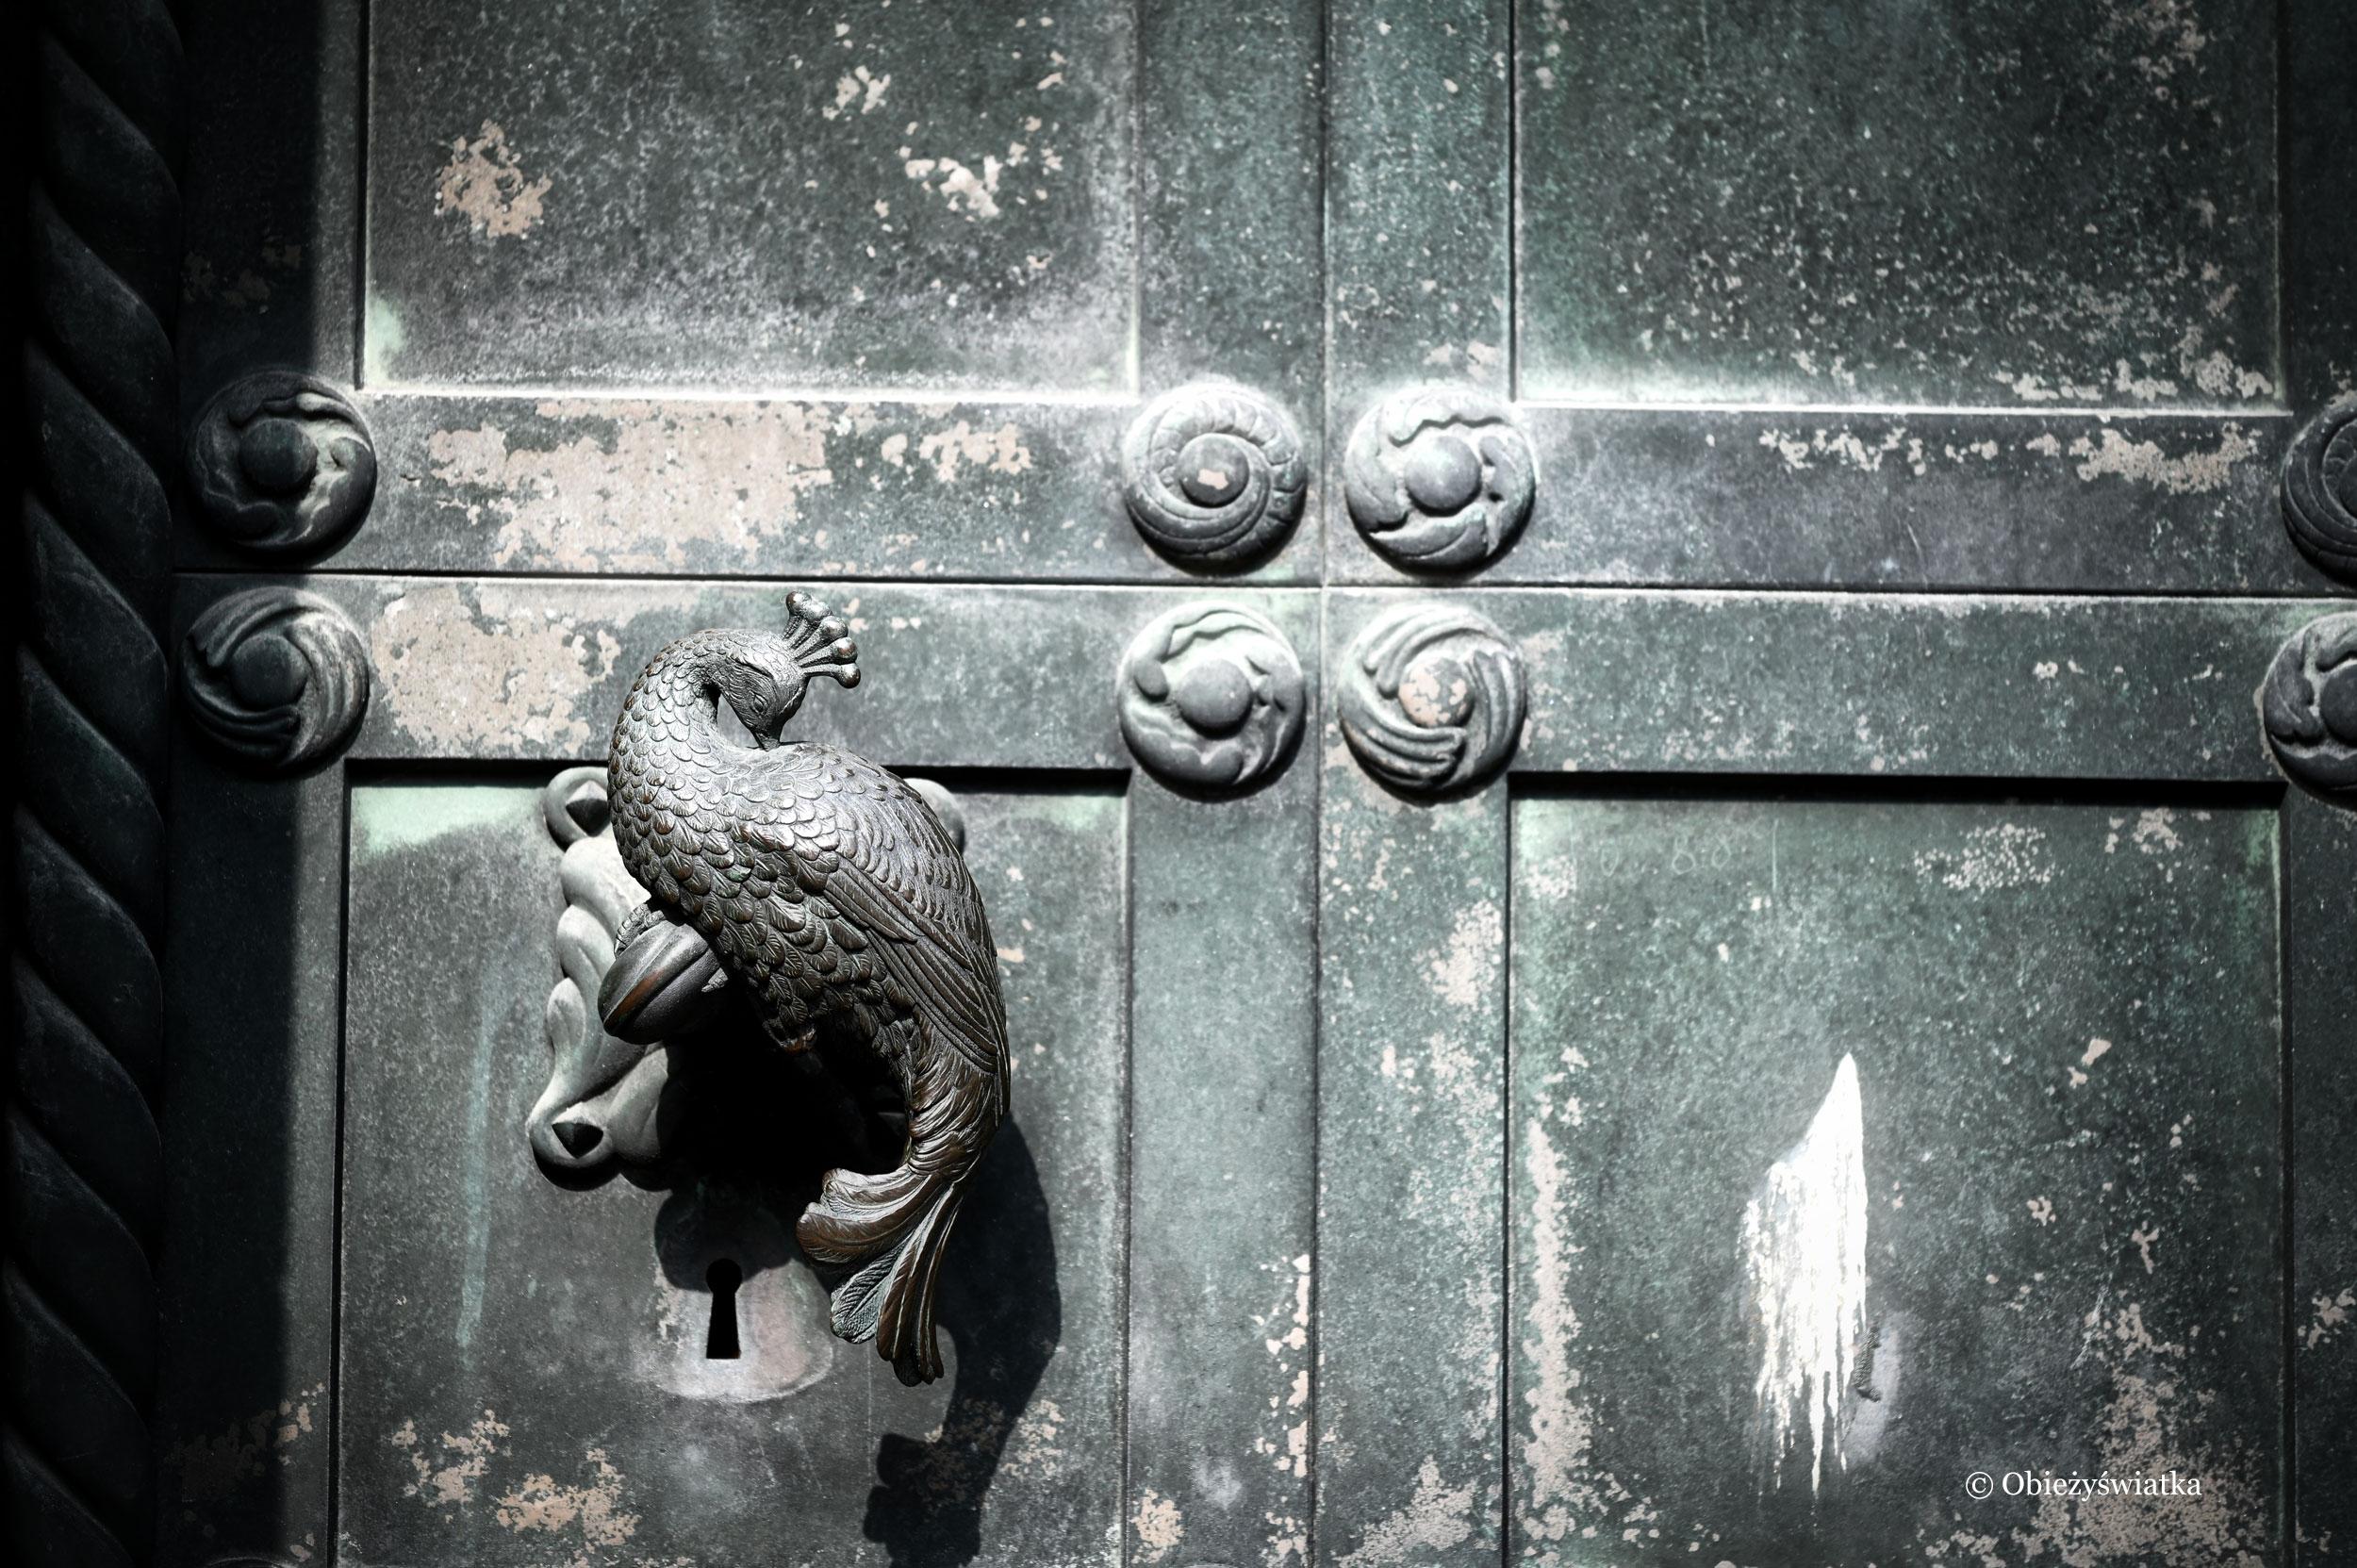 Jedna z klamek, przedstawiająca pawia - Katedra w Ribe, Dania